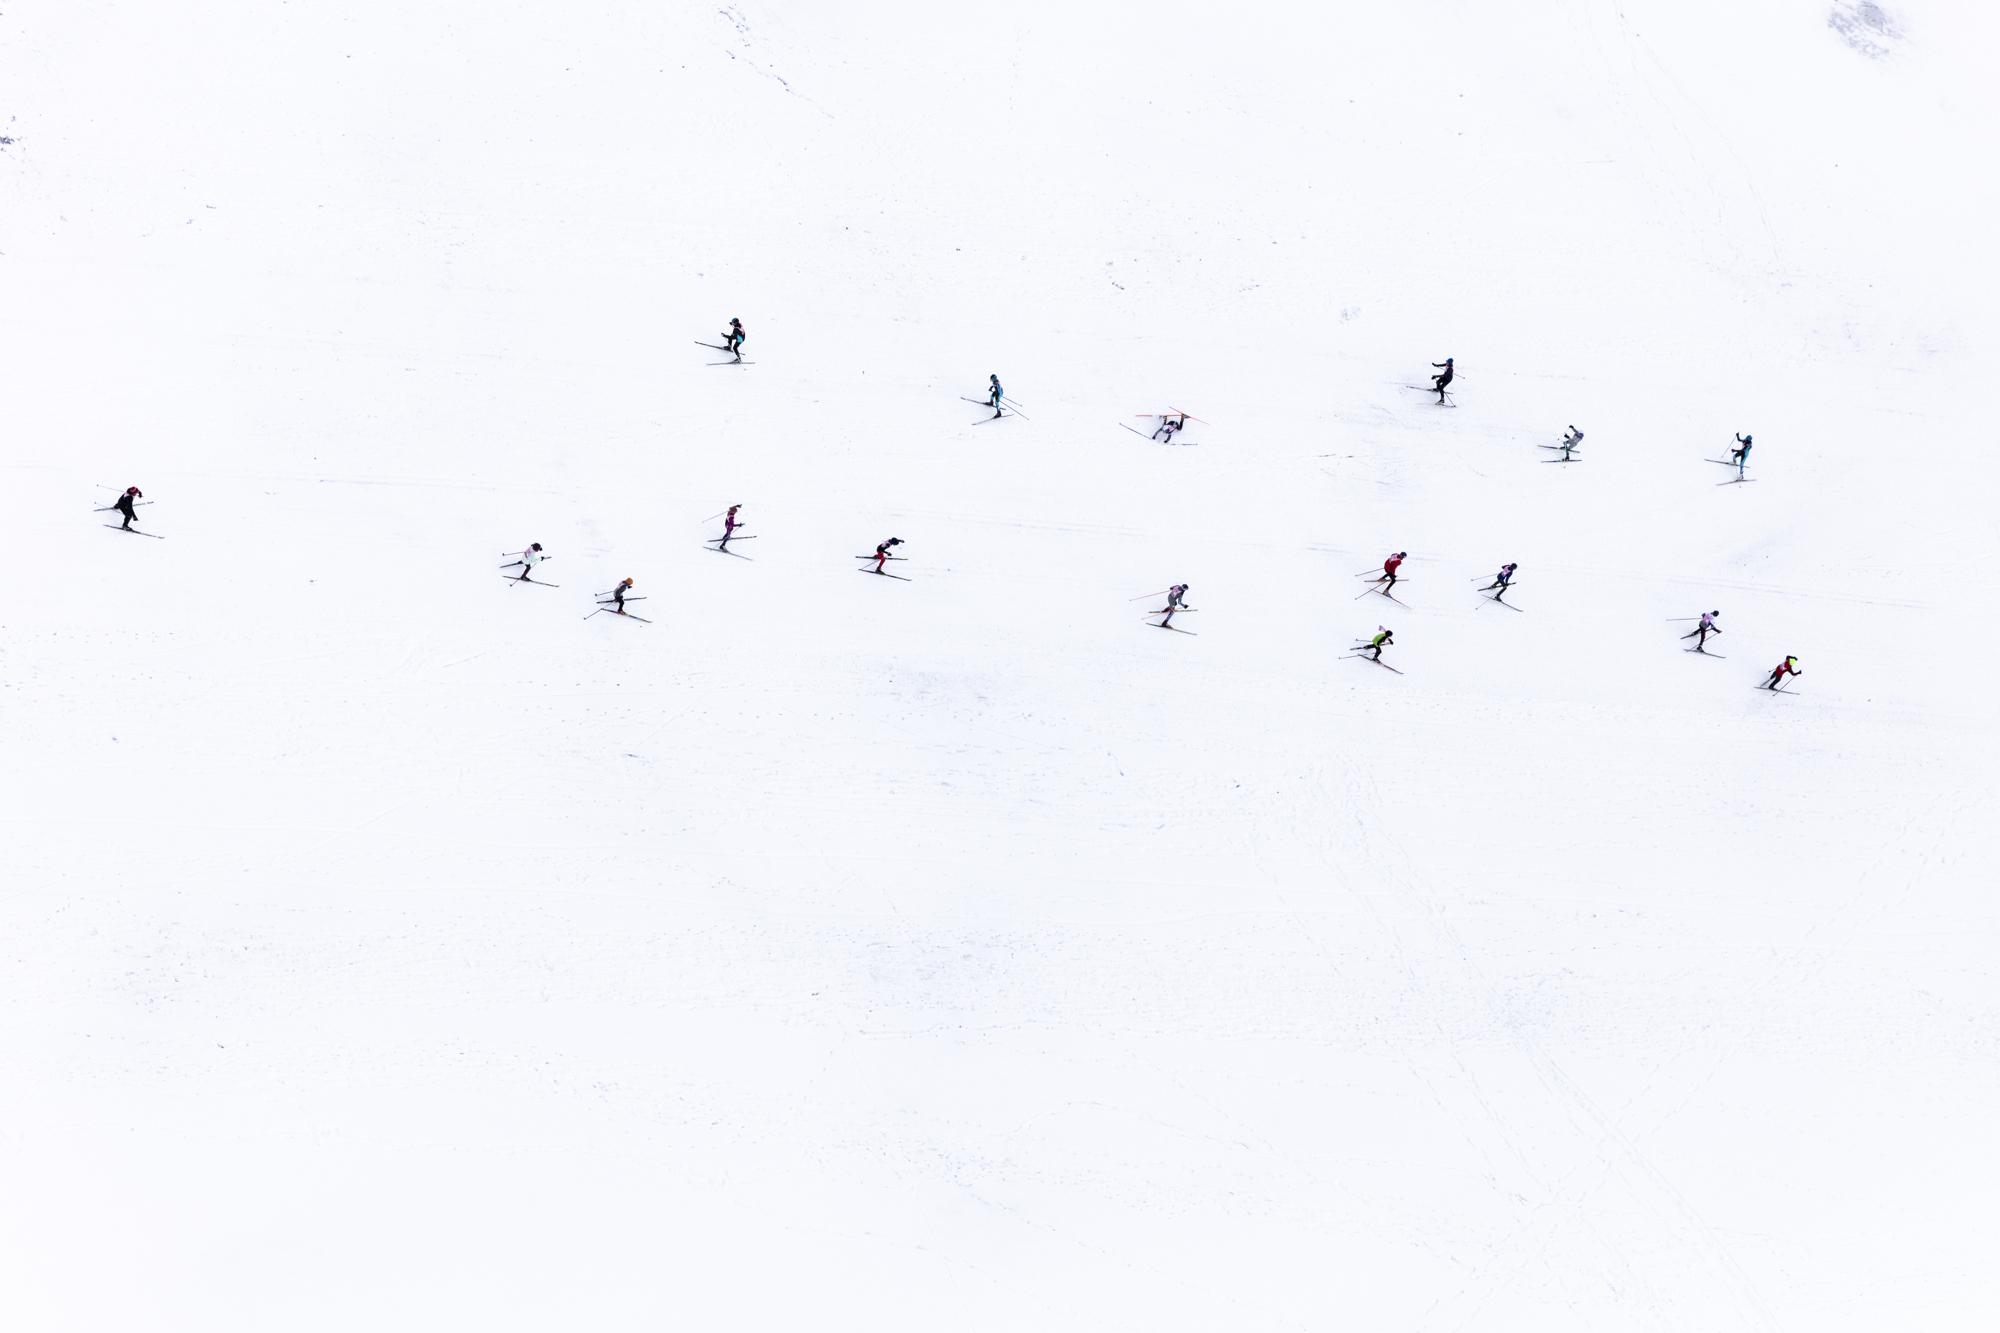 160206_WinterAerials_02453T.JPG